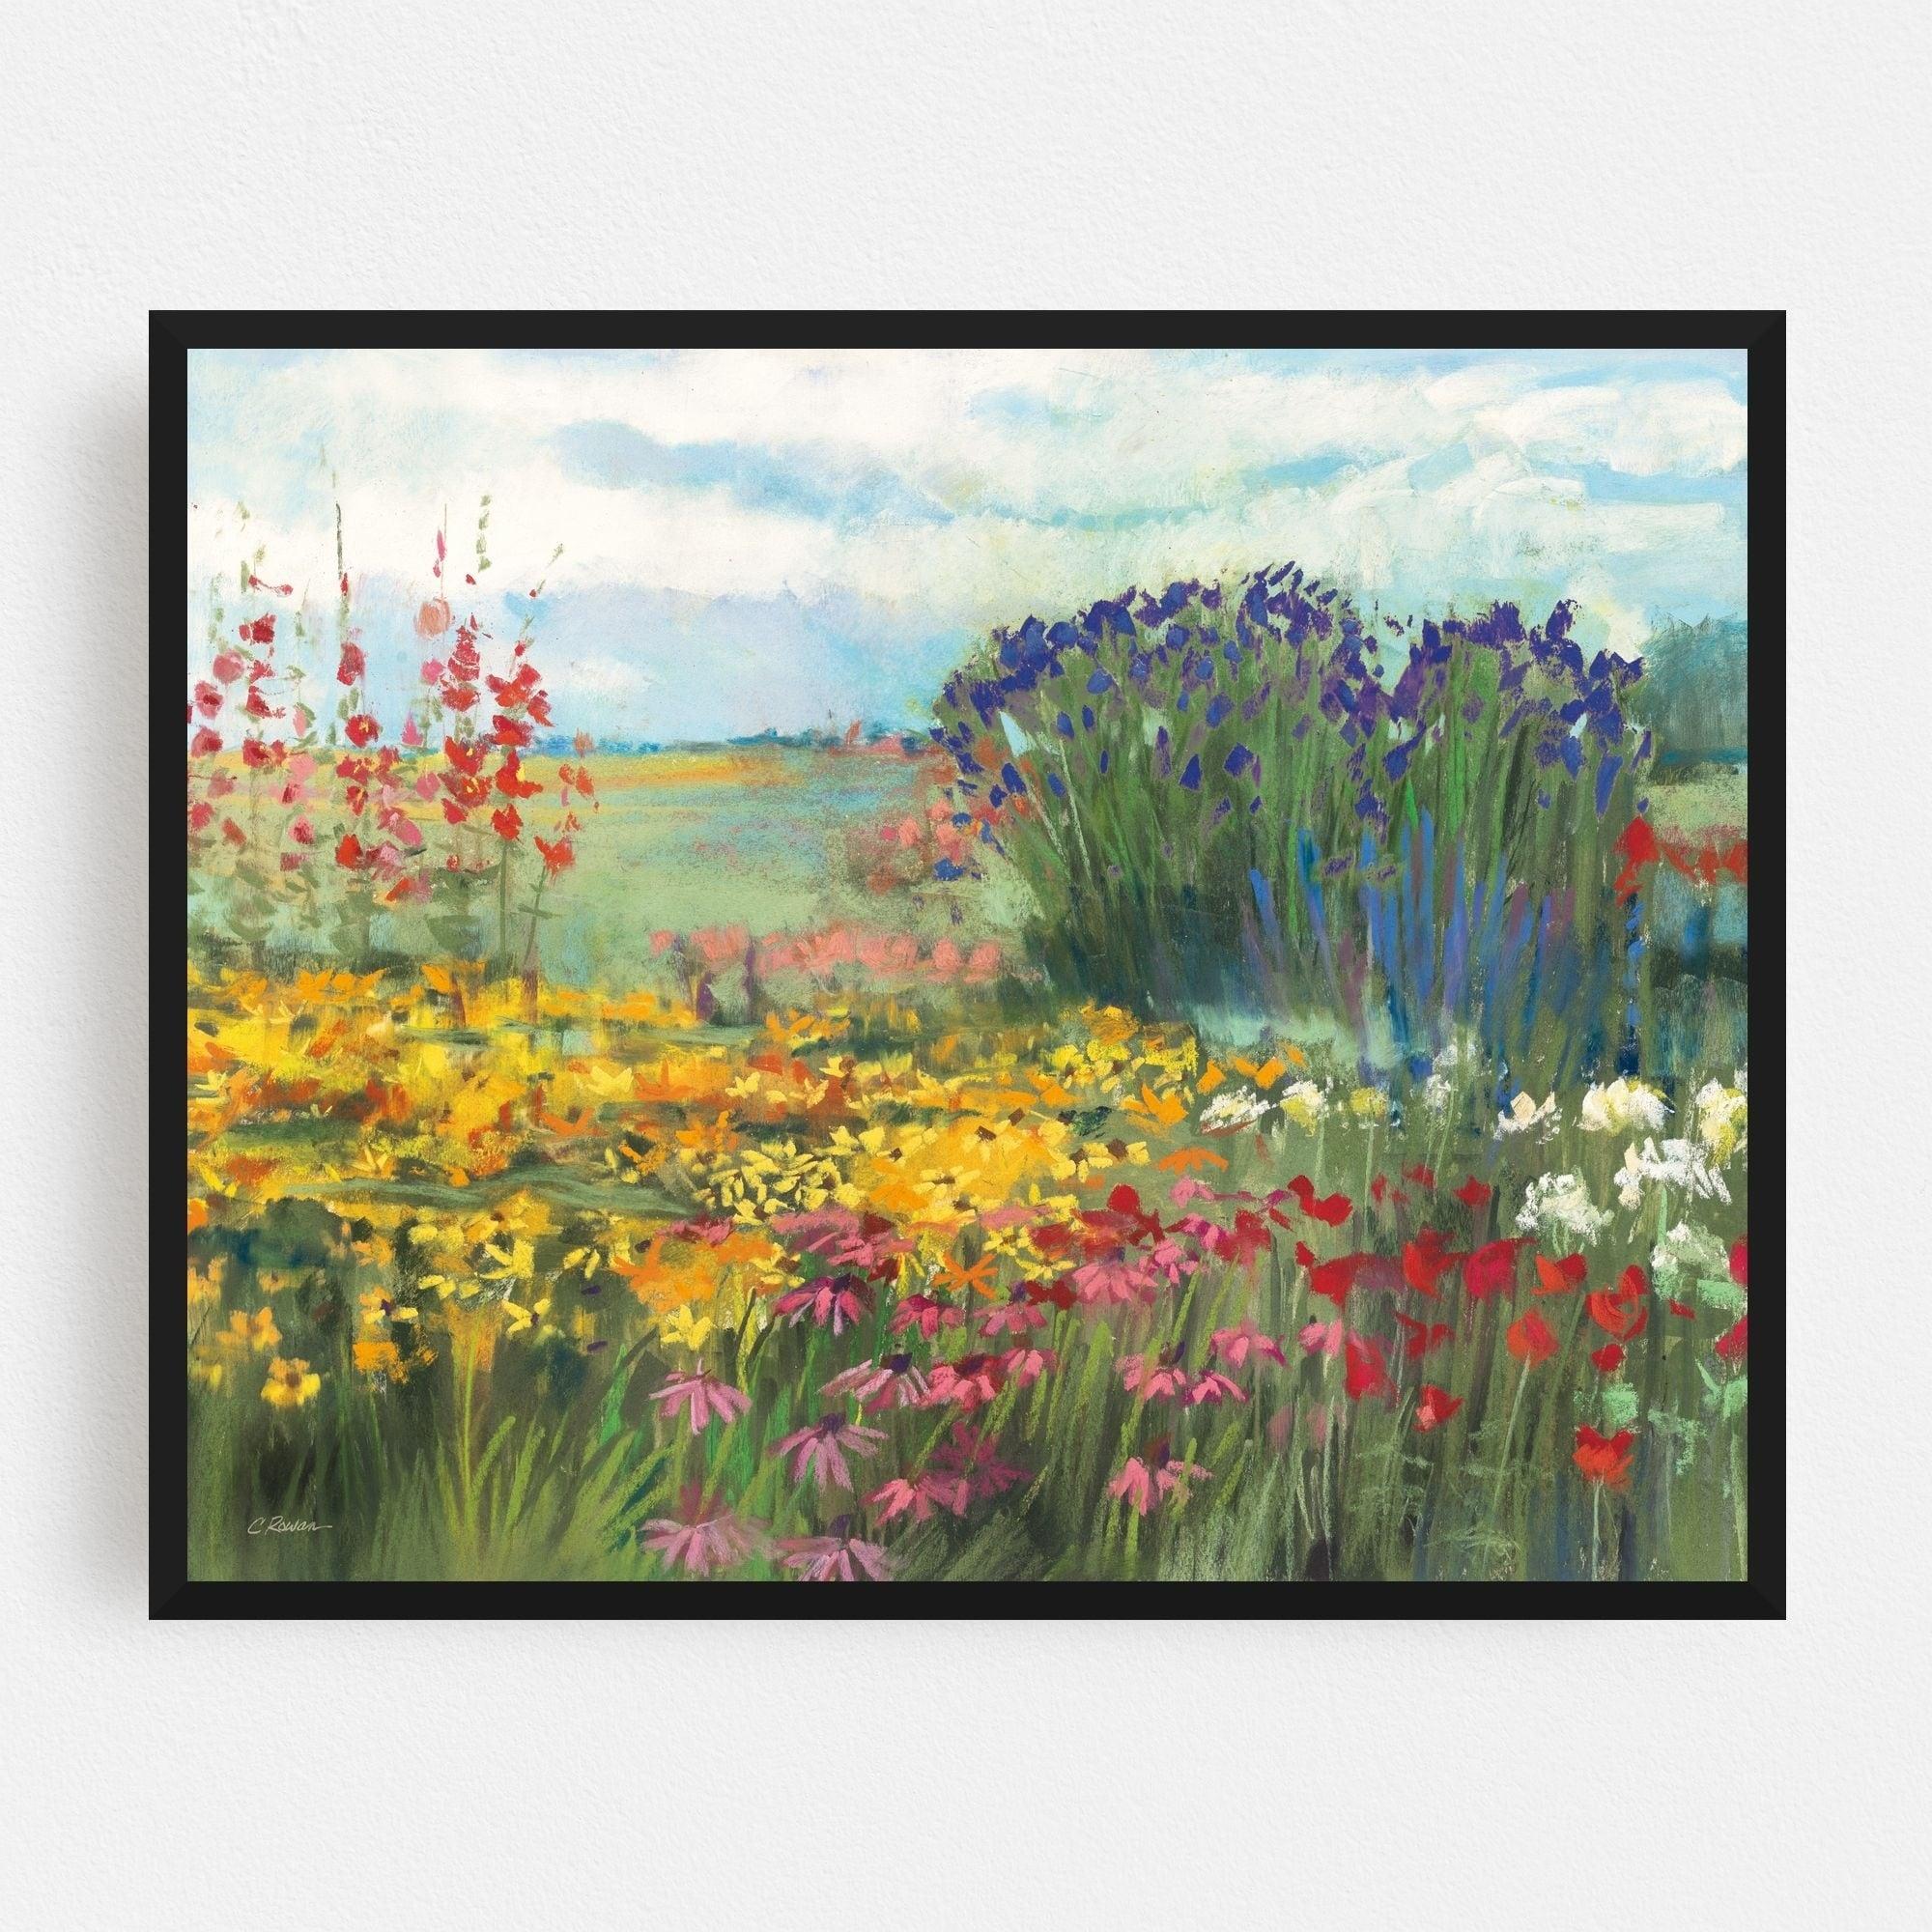 Noir Gallery Rural Floral Daisy Illustration Framed Art Print